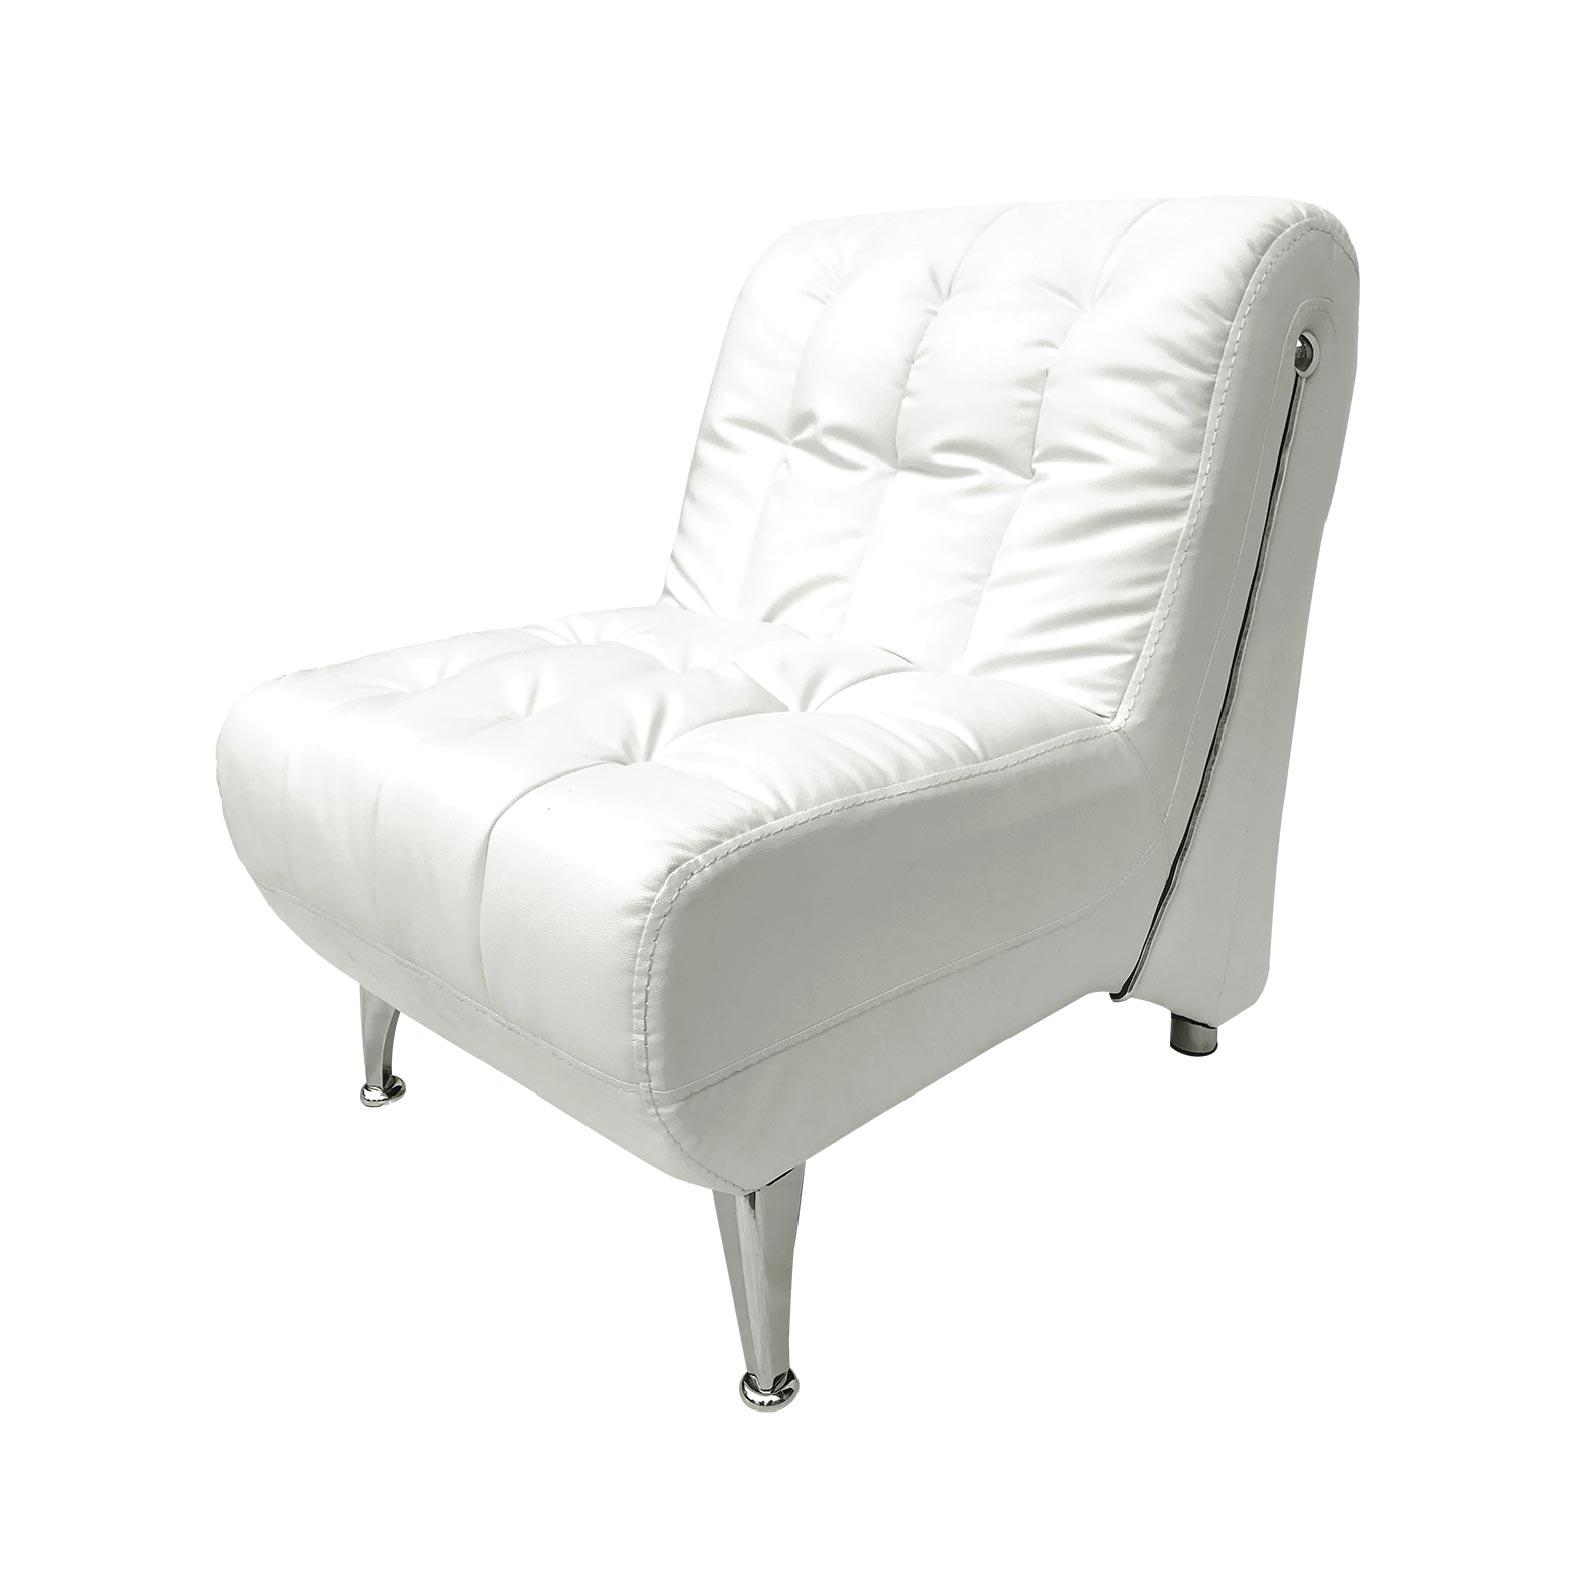 Cosy sofa solo White